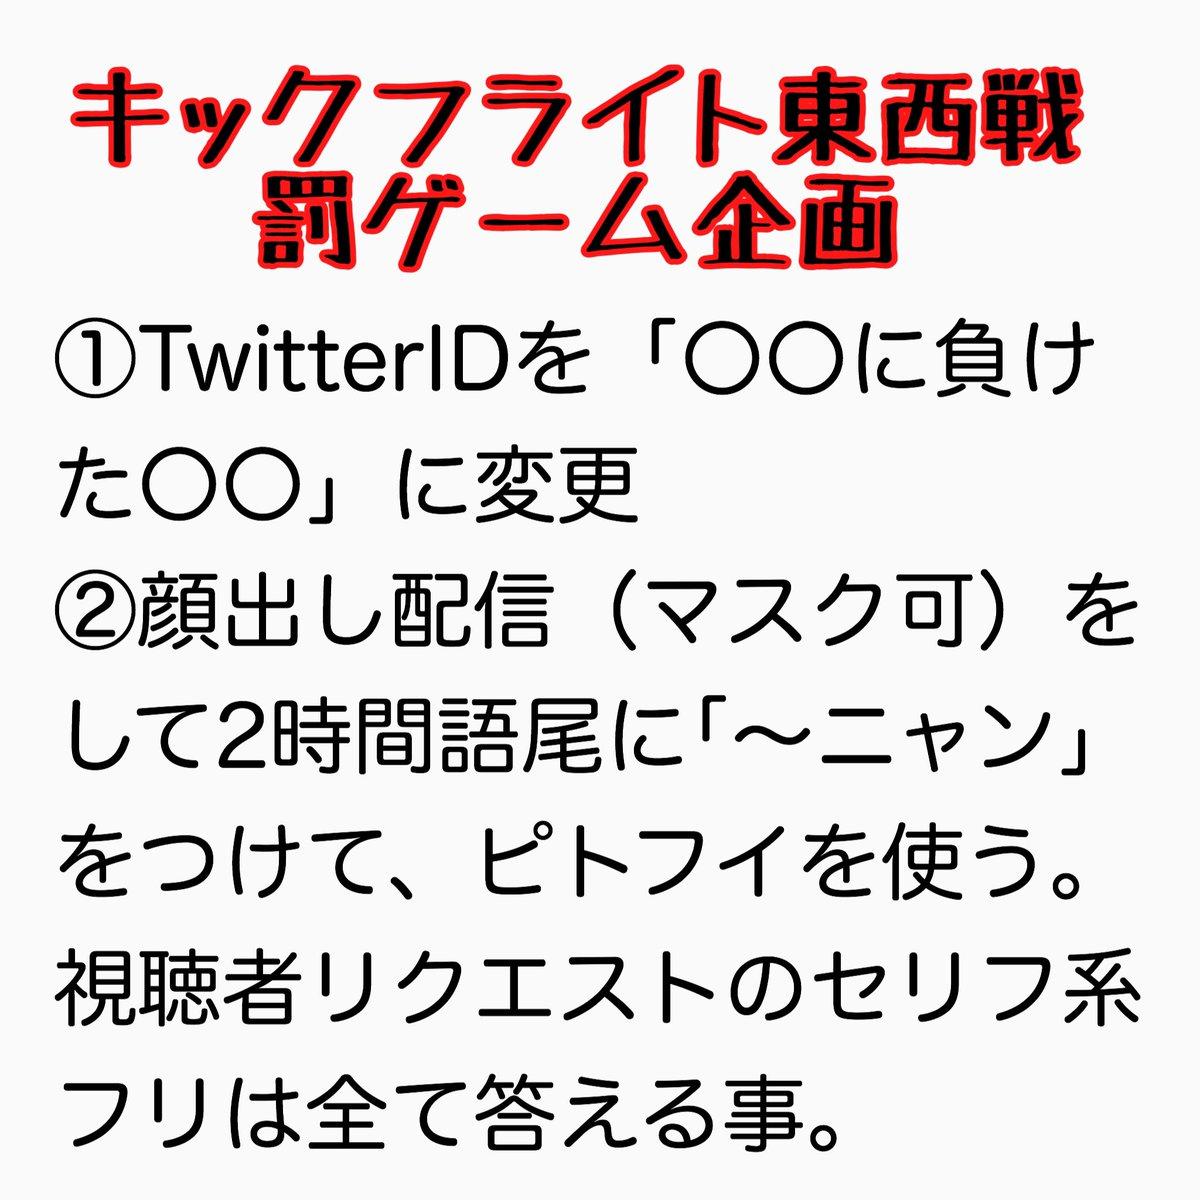 キックフライト【レポート】:公認サポーター主催!キックフライト東西戦をレポート!!